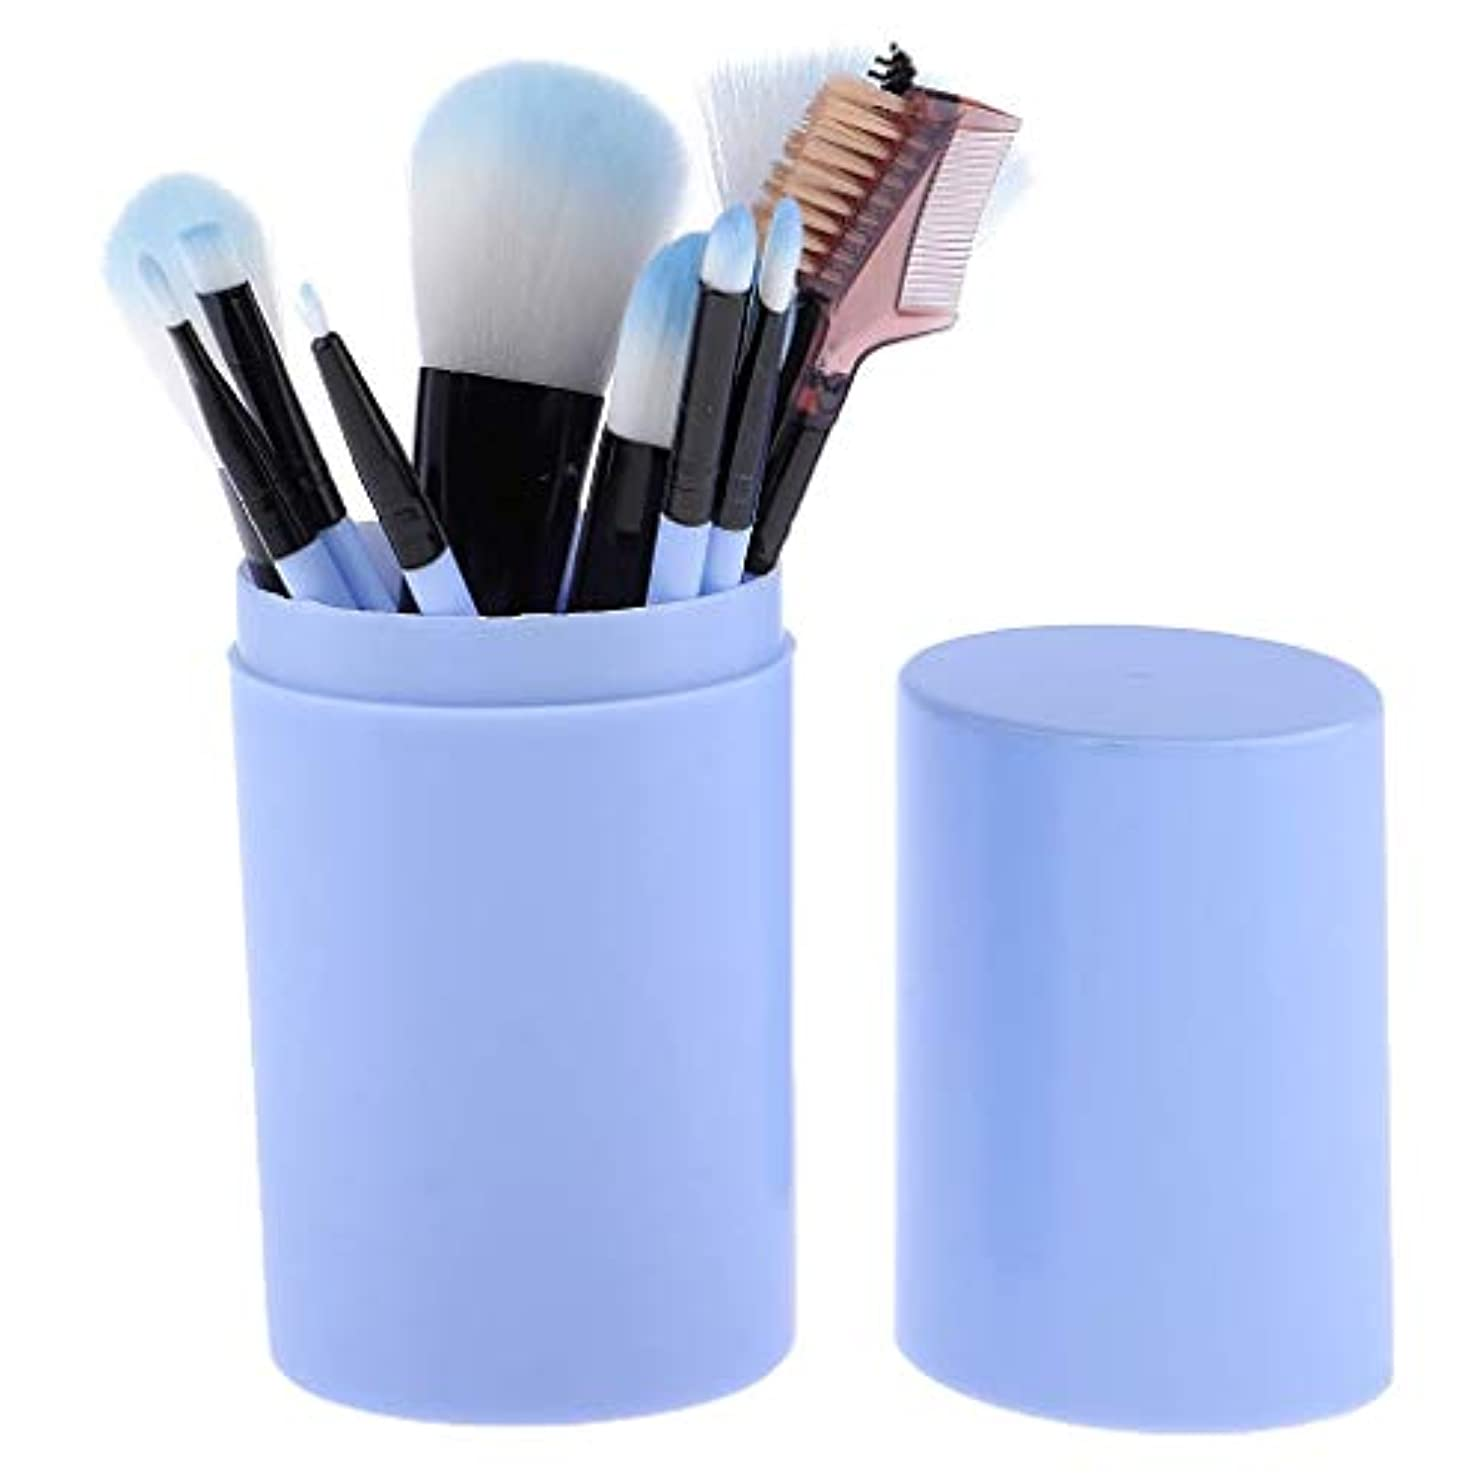 パンダあさり船乗りMakeup brushes 青、スミアのようなリアルな、持ち運びに快適、収納バケット付き化粧ブラシセット付き12ピース高品質木製ハンドル化粧ブラシセット suits (Color : Blue)